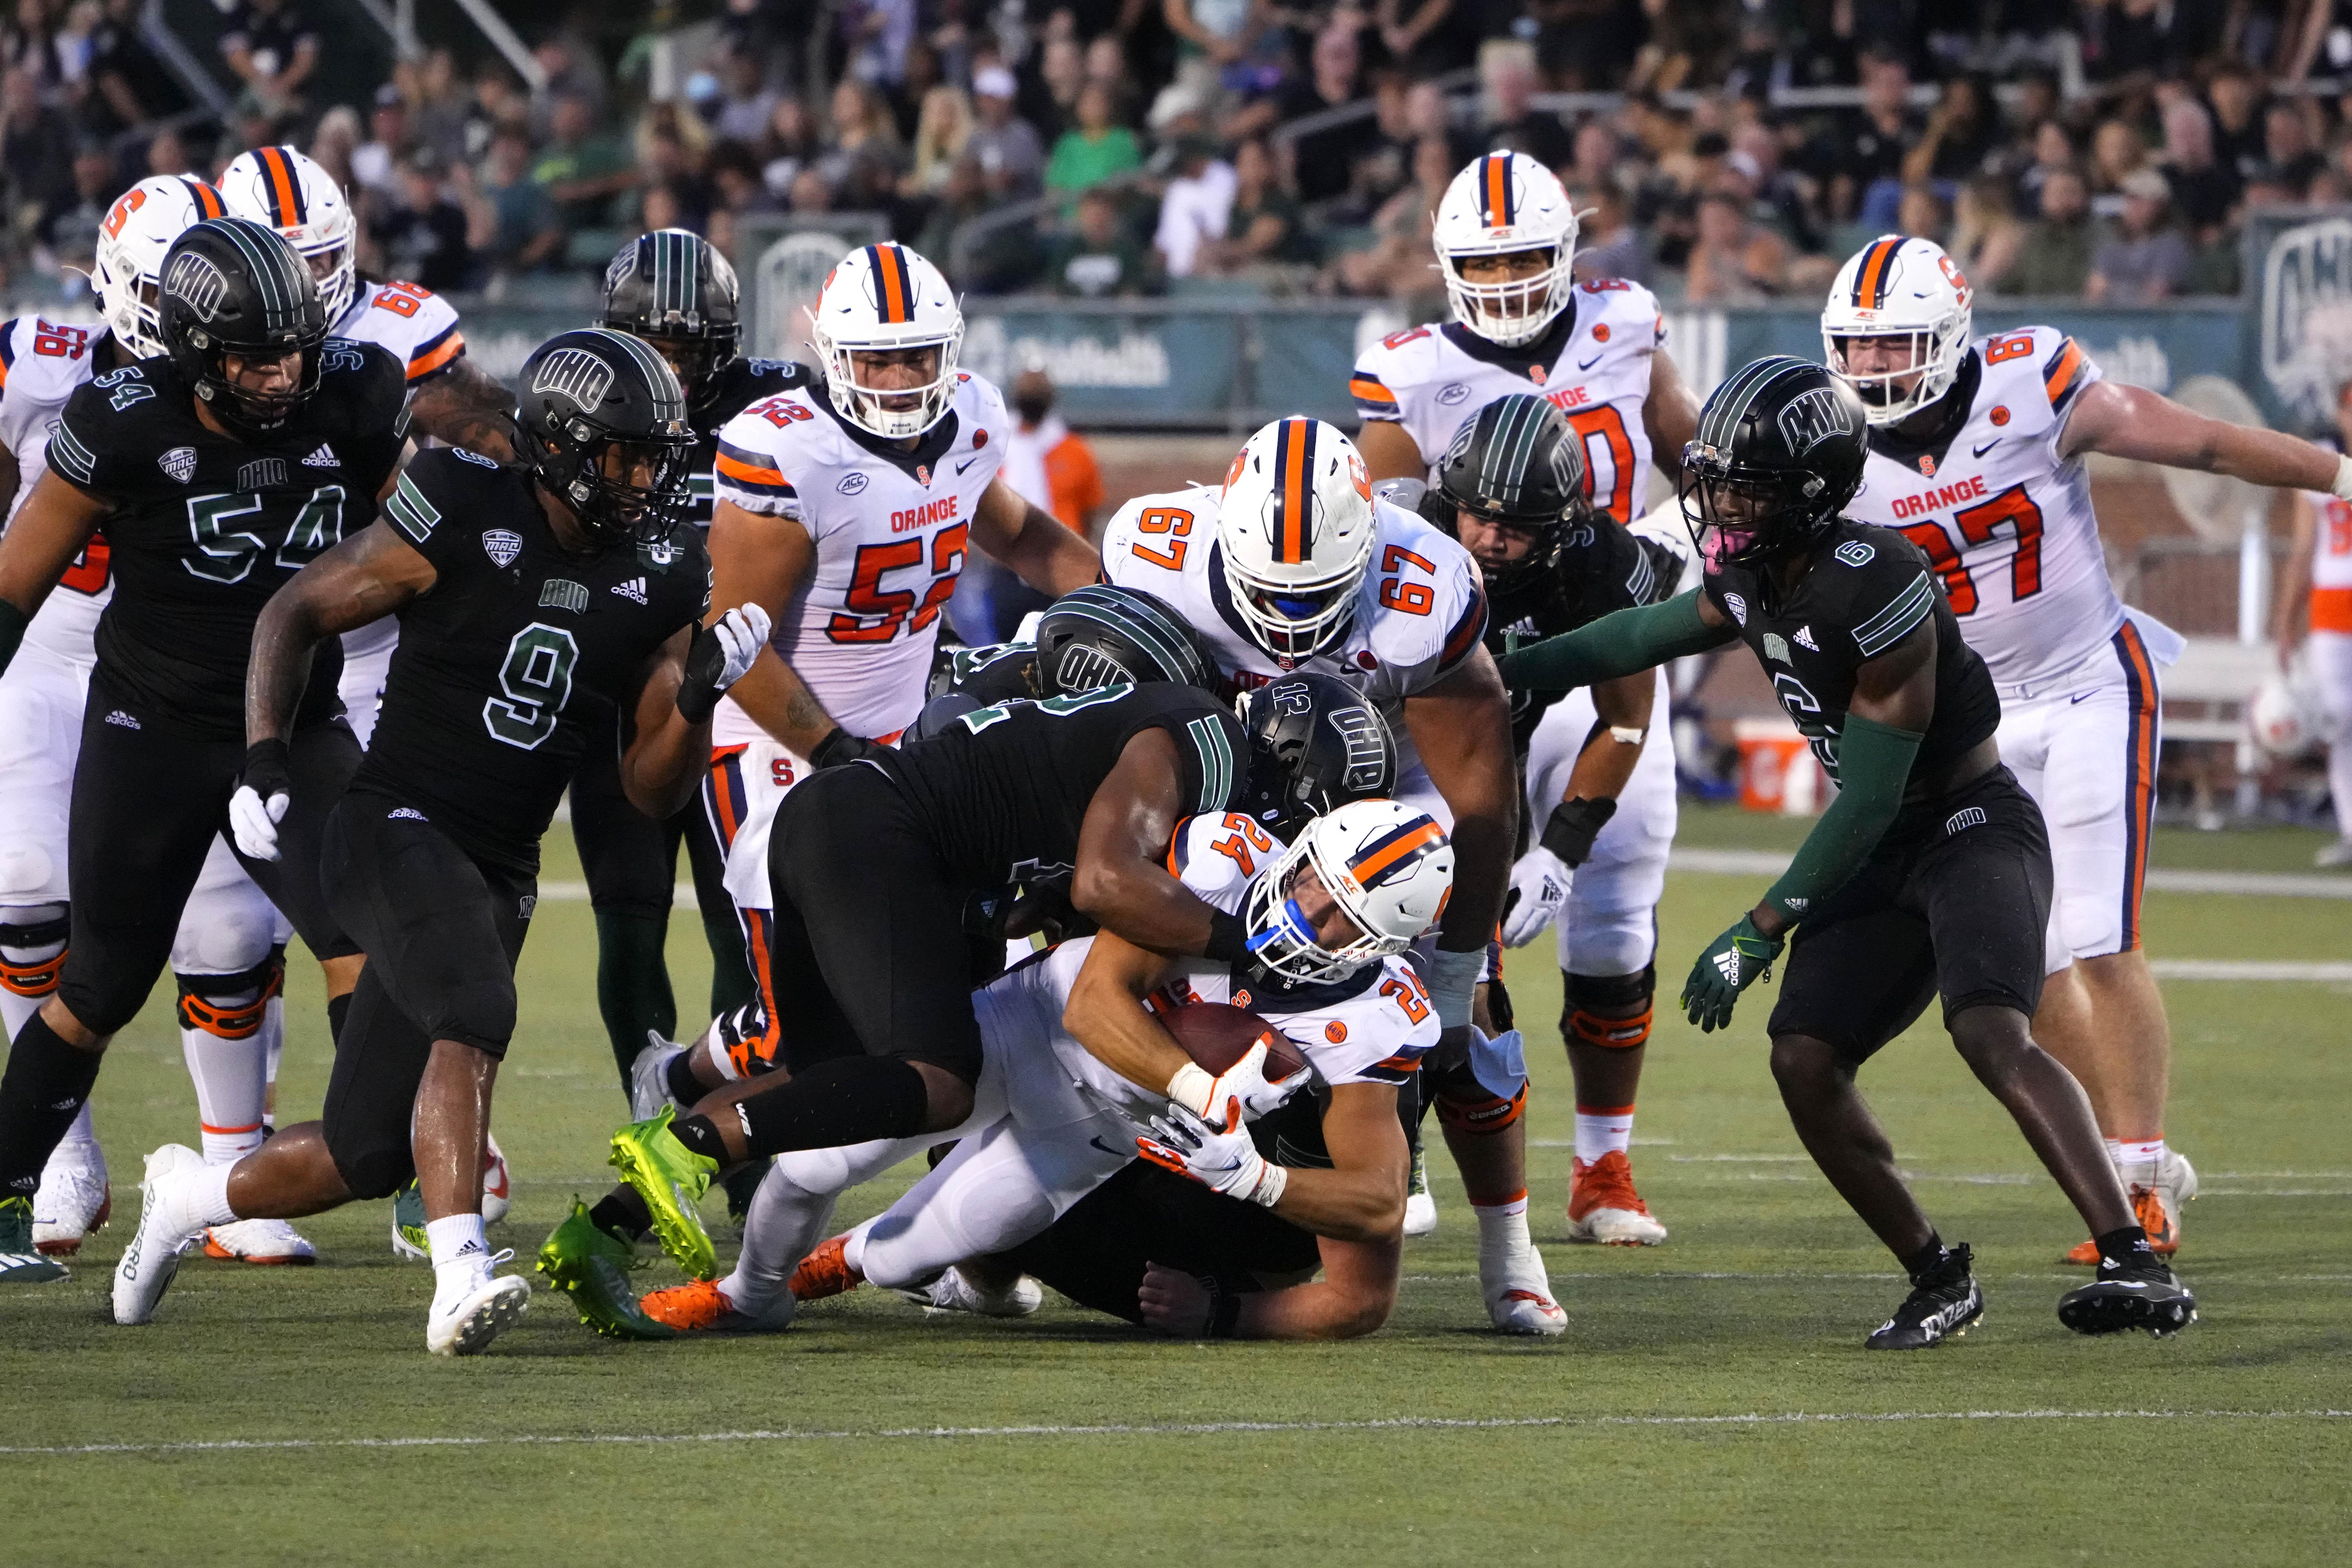 COLLEGE FOOTBALL: SEP 04 Syracuse at Ohio